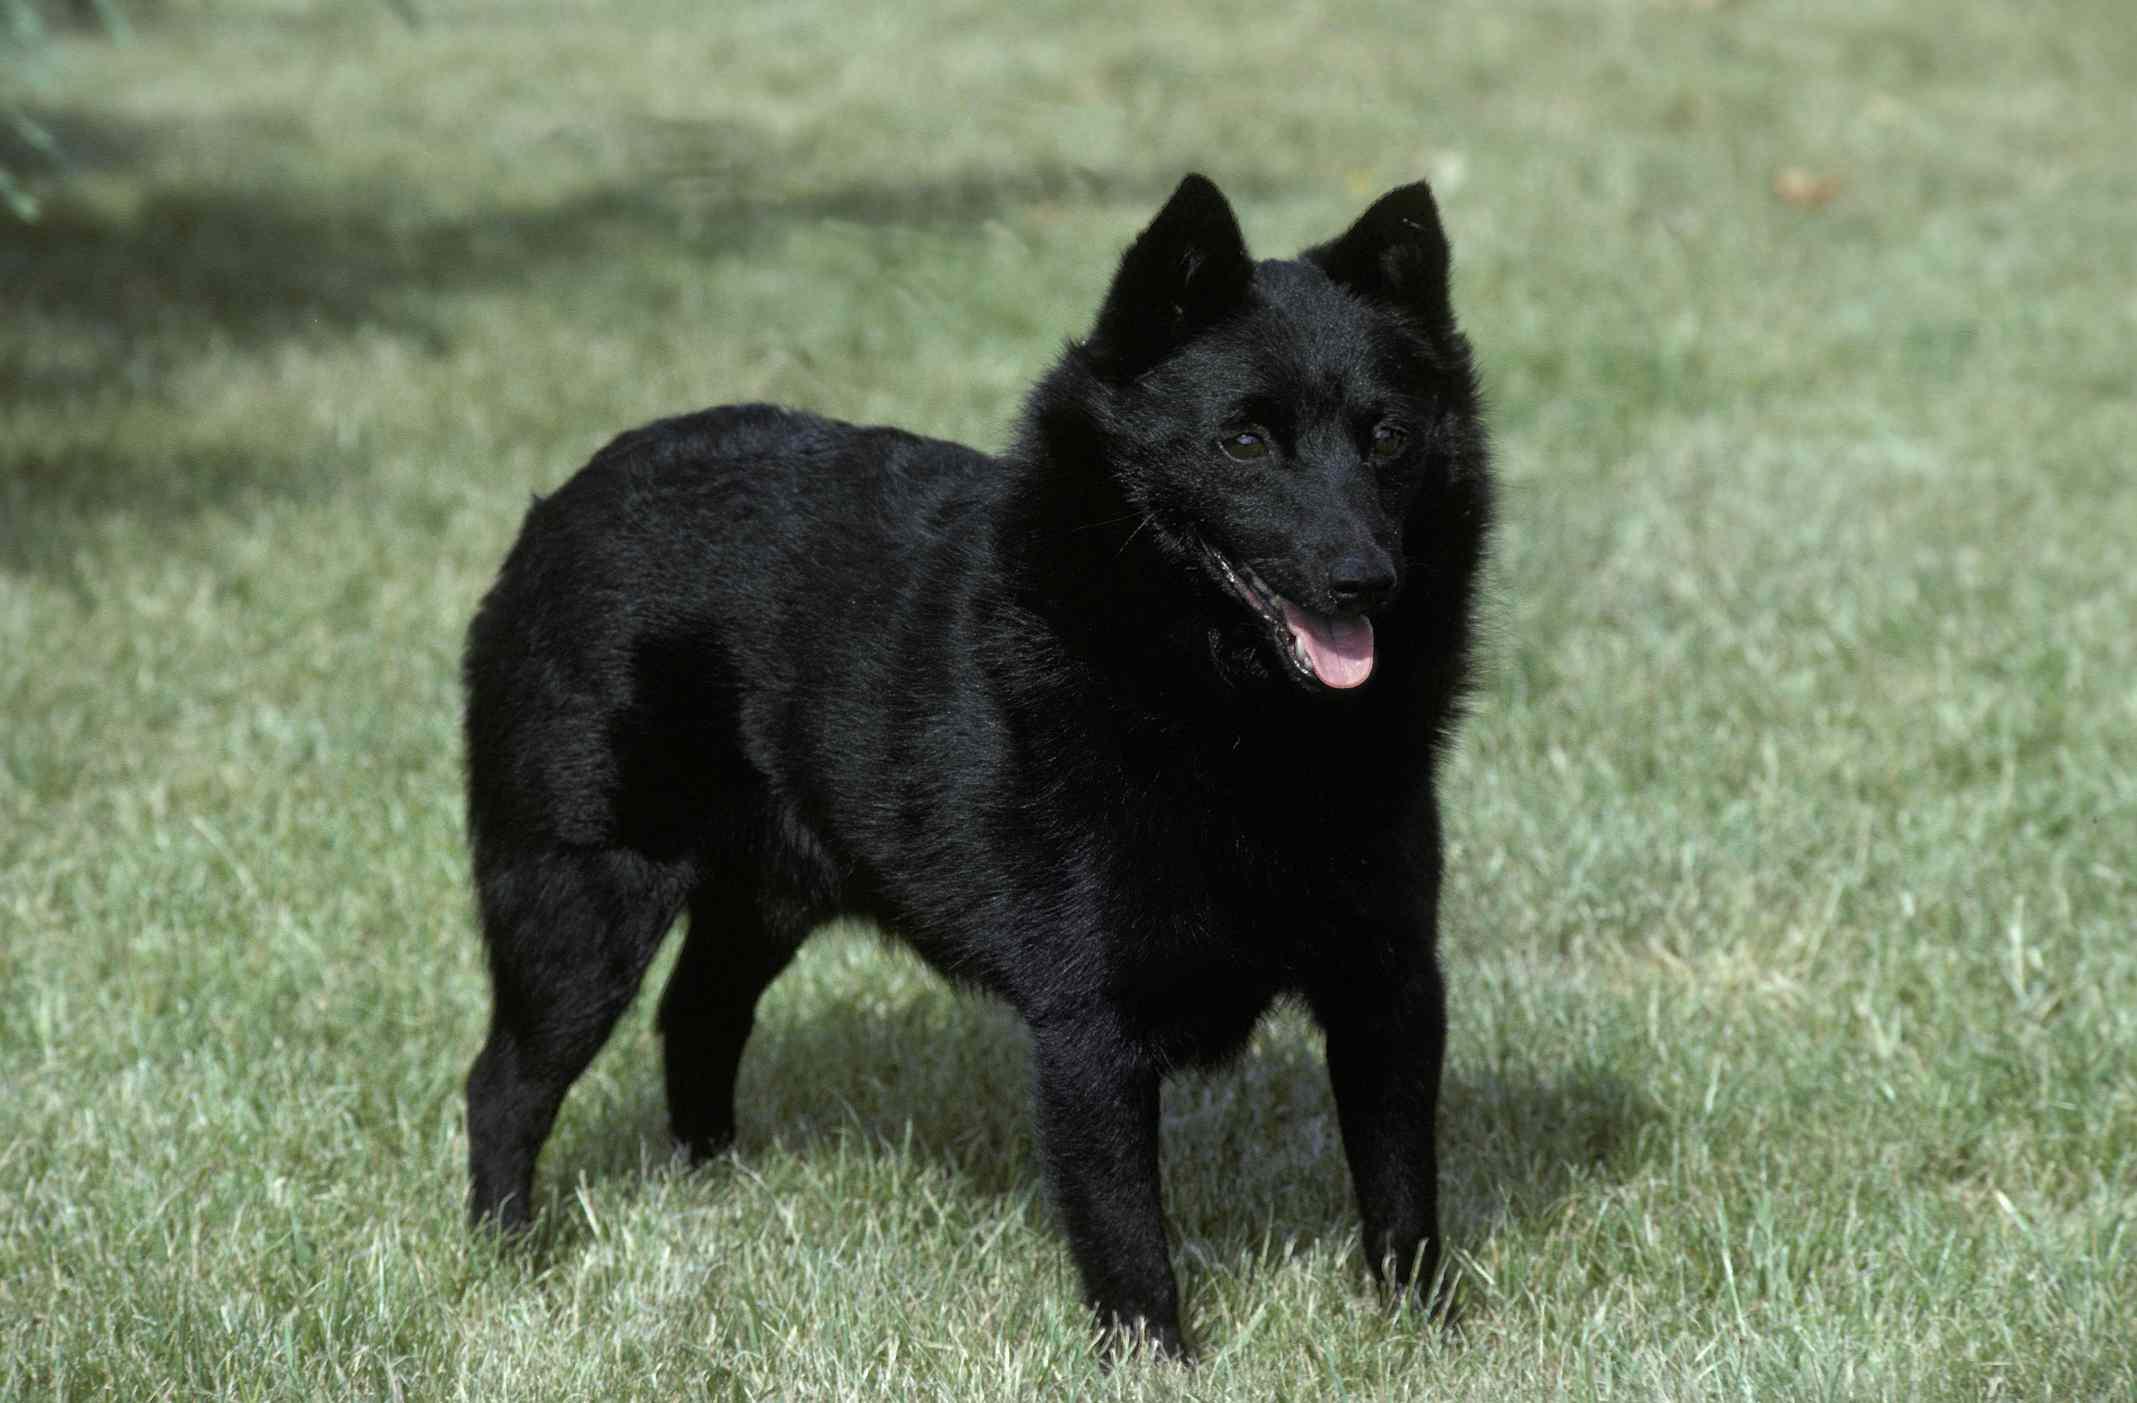 Schipperke dog standing in grass